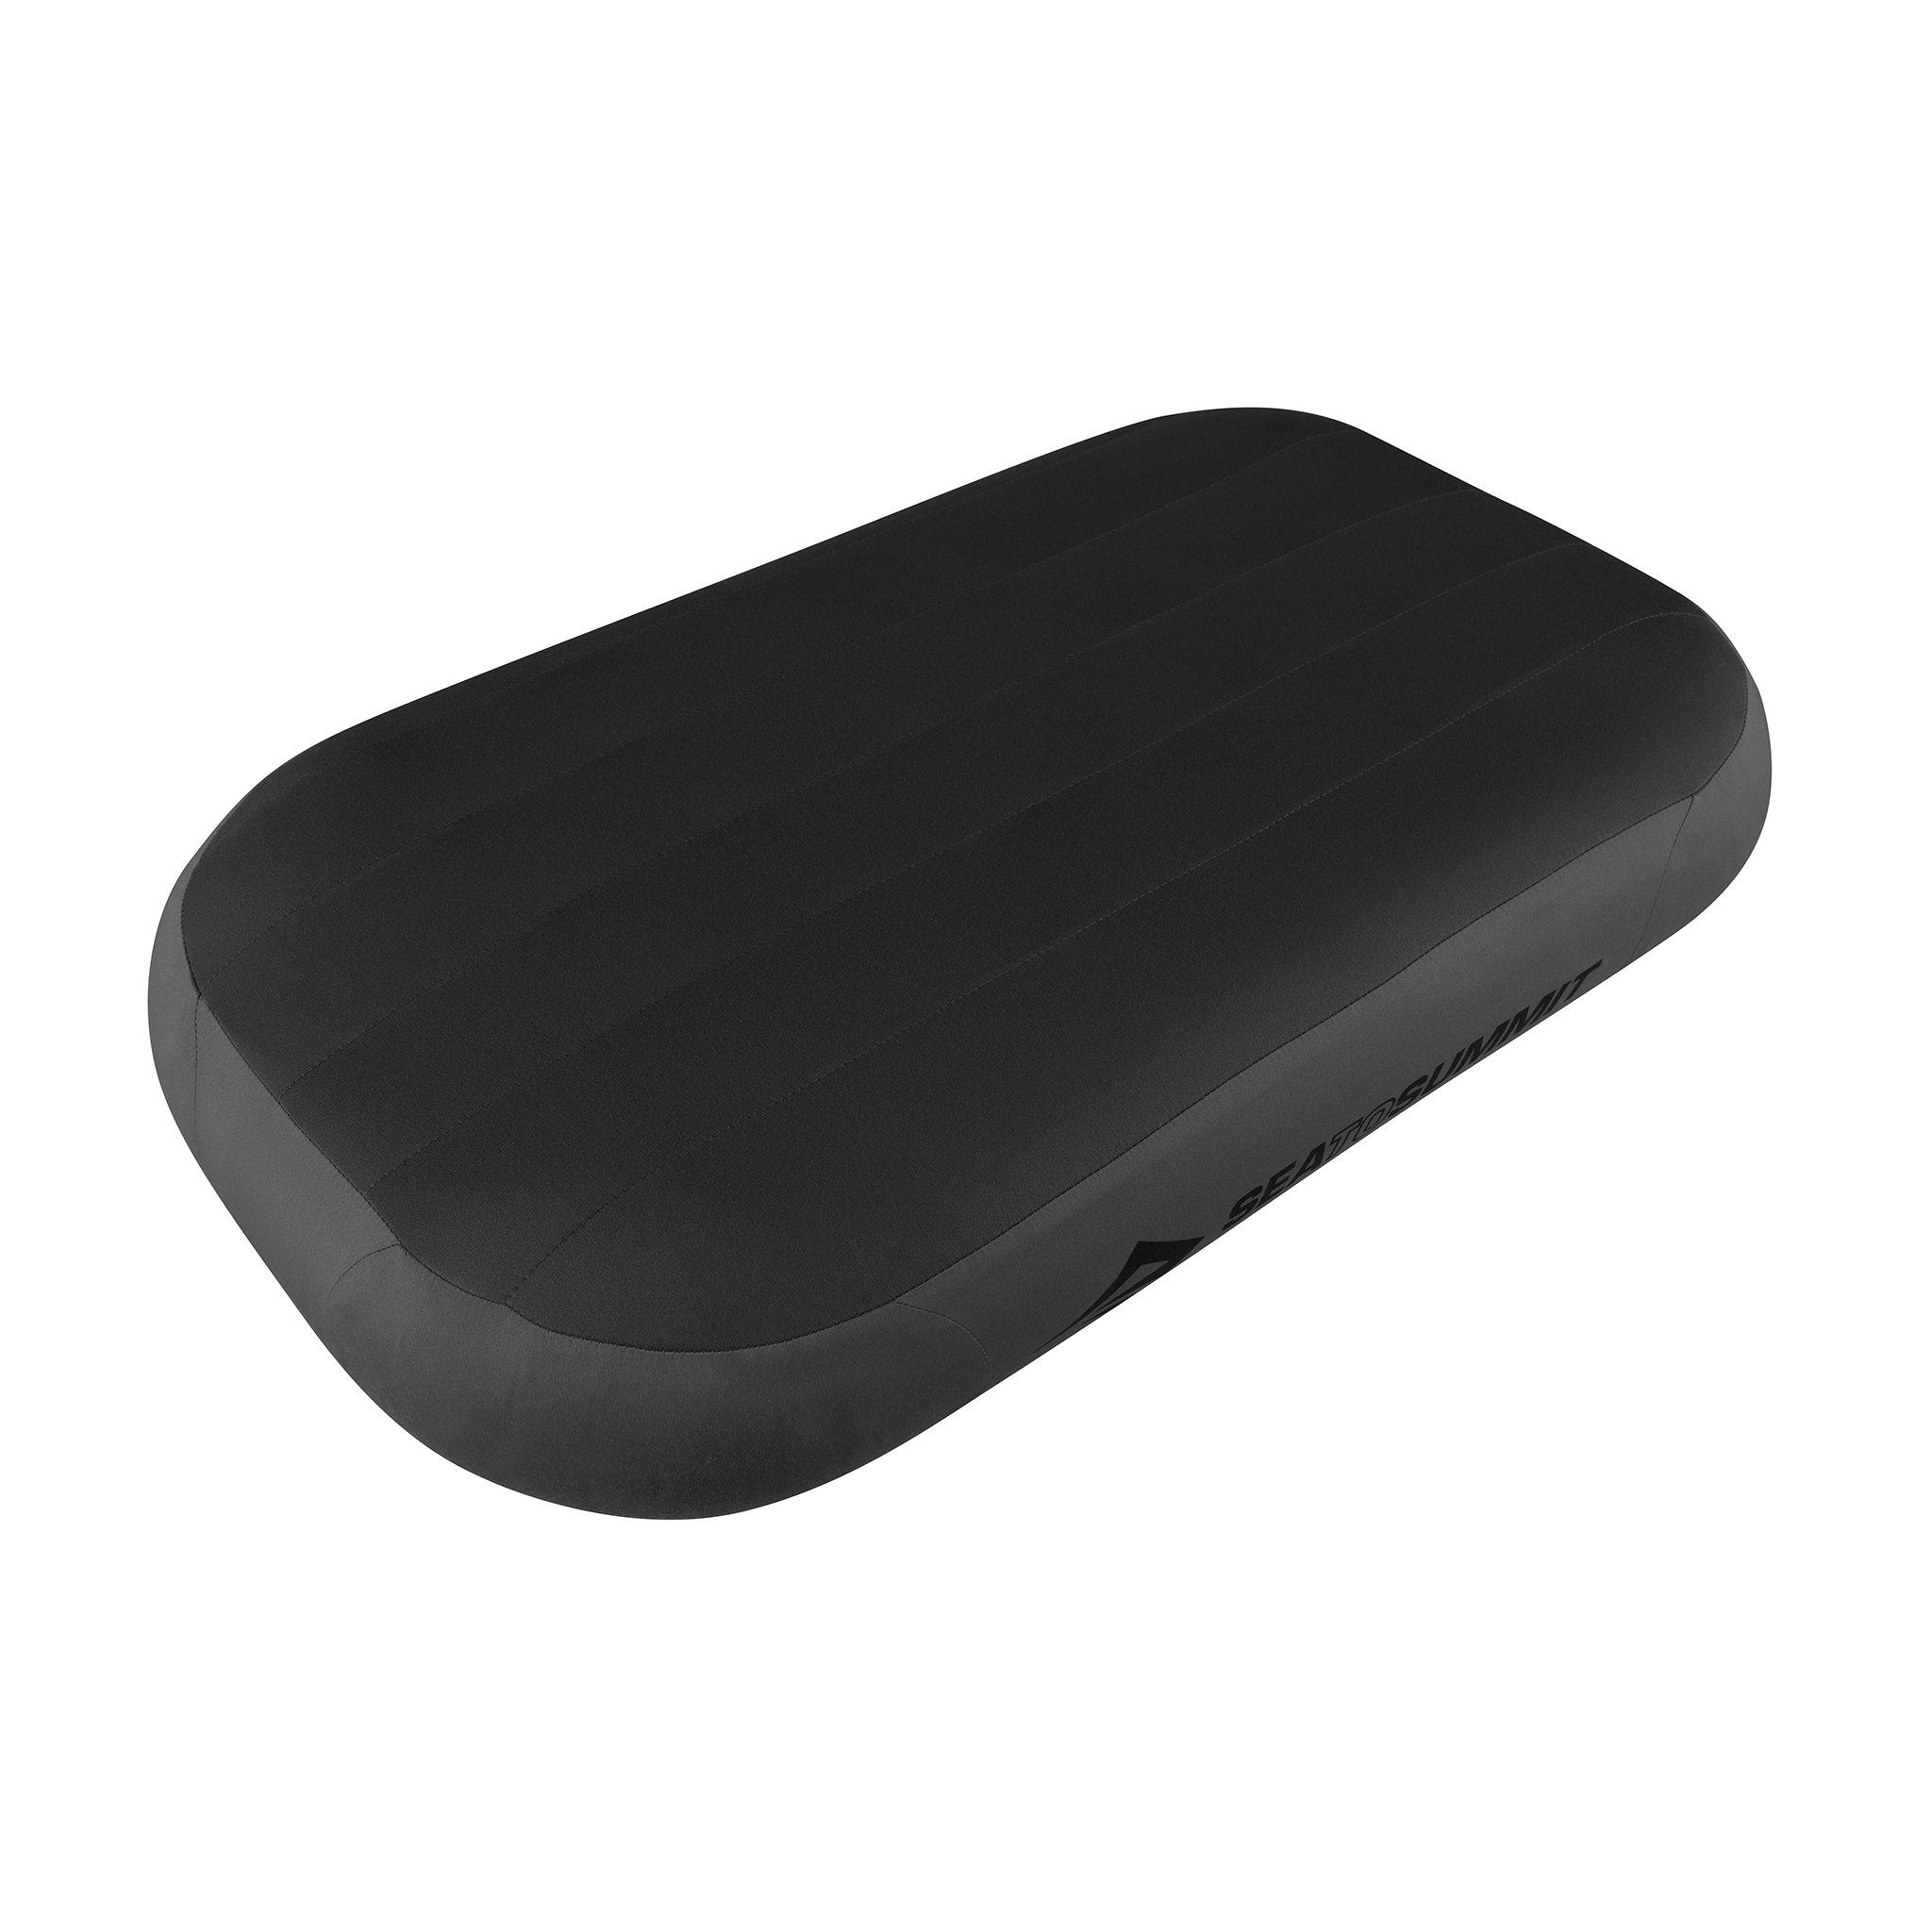 Aeros Pillow Premium - Deluxe